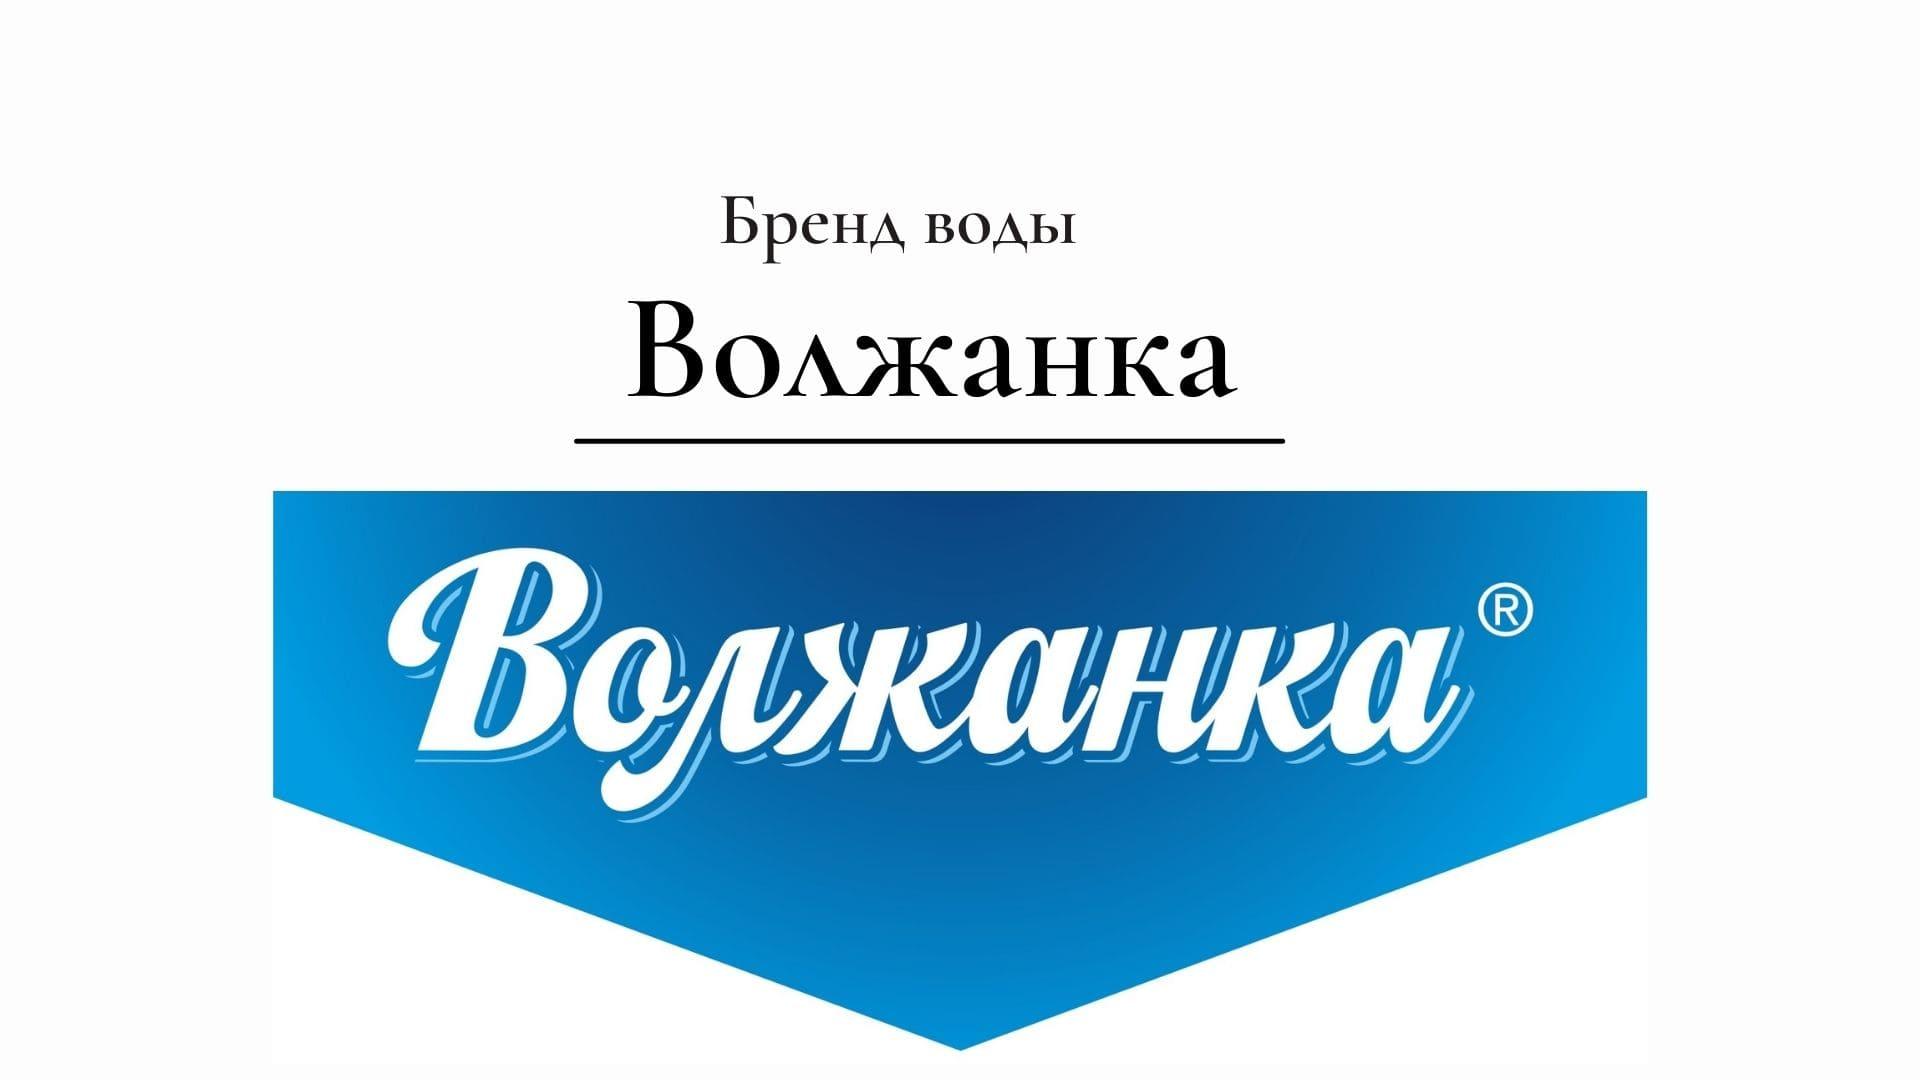 Бренд Волжанка